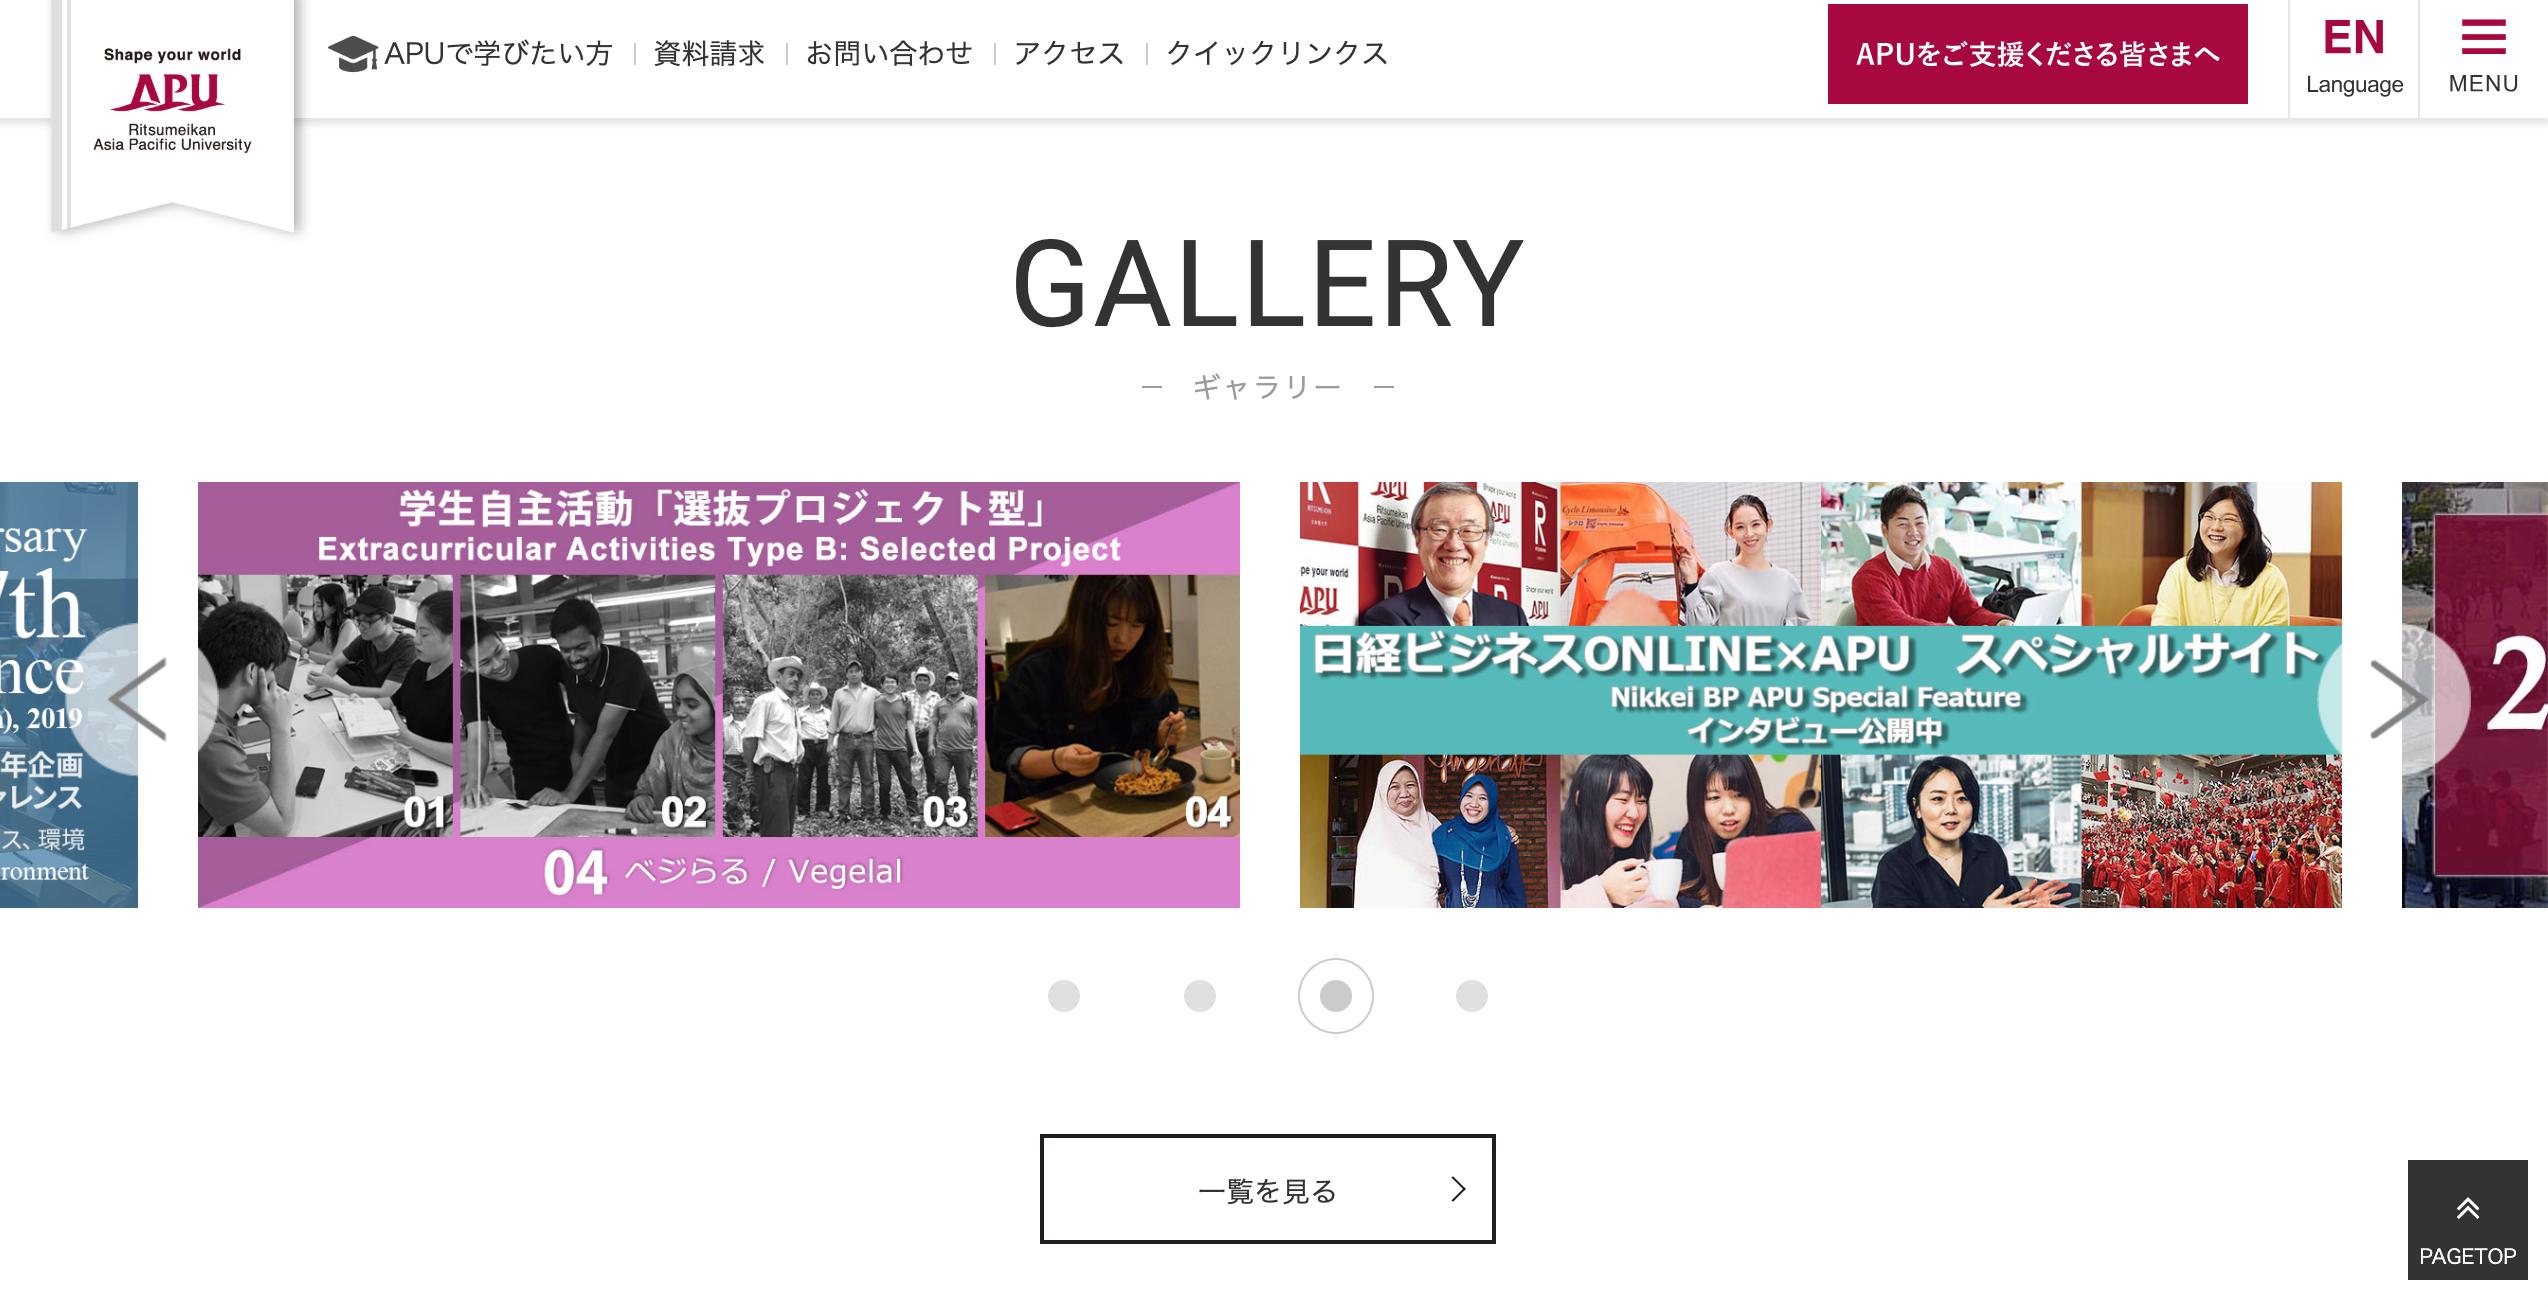 立命館アジア太平洋大学のホームページにLEGAMEが紹介されました。